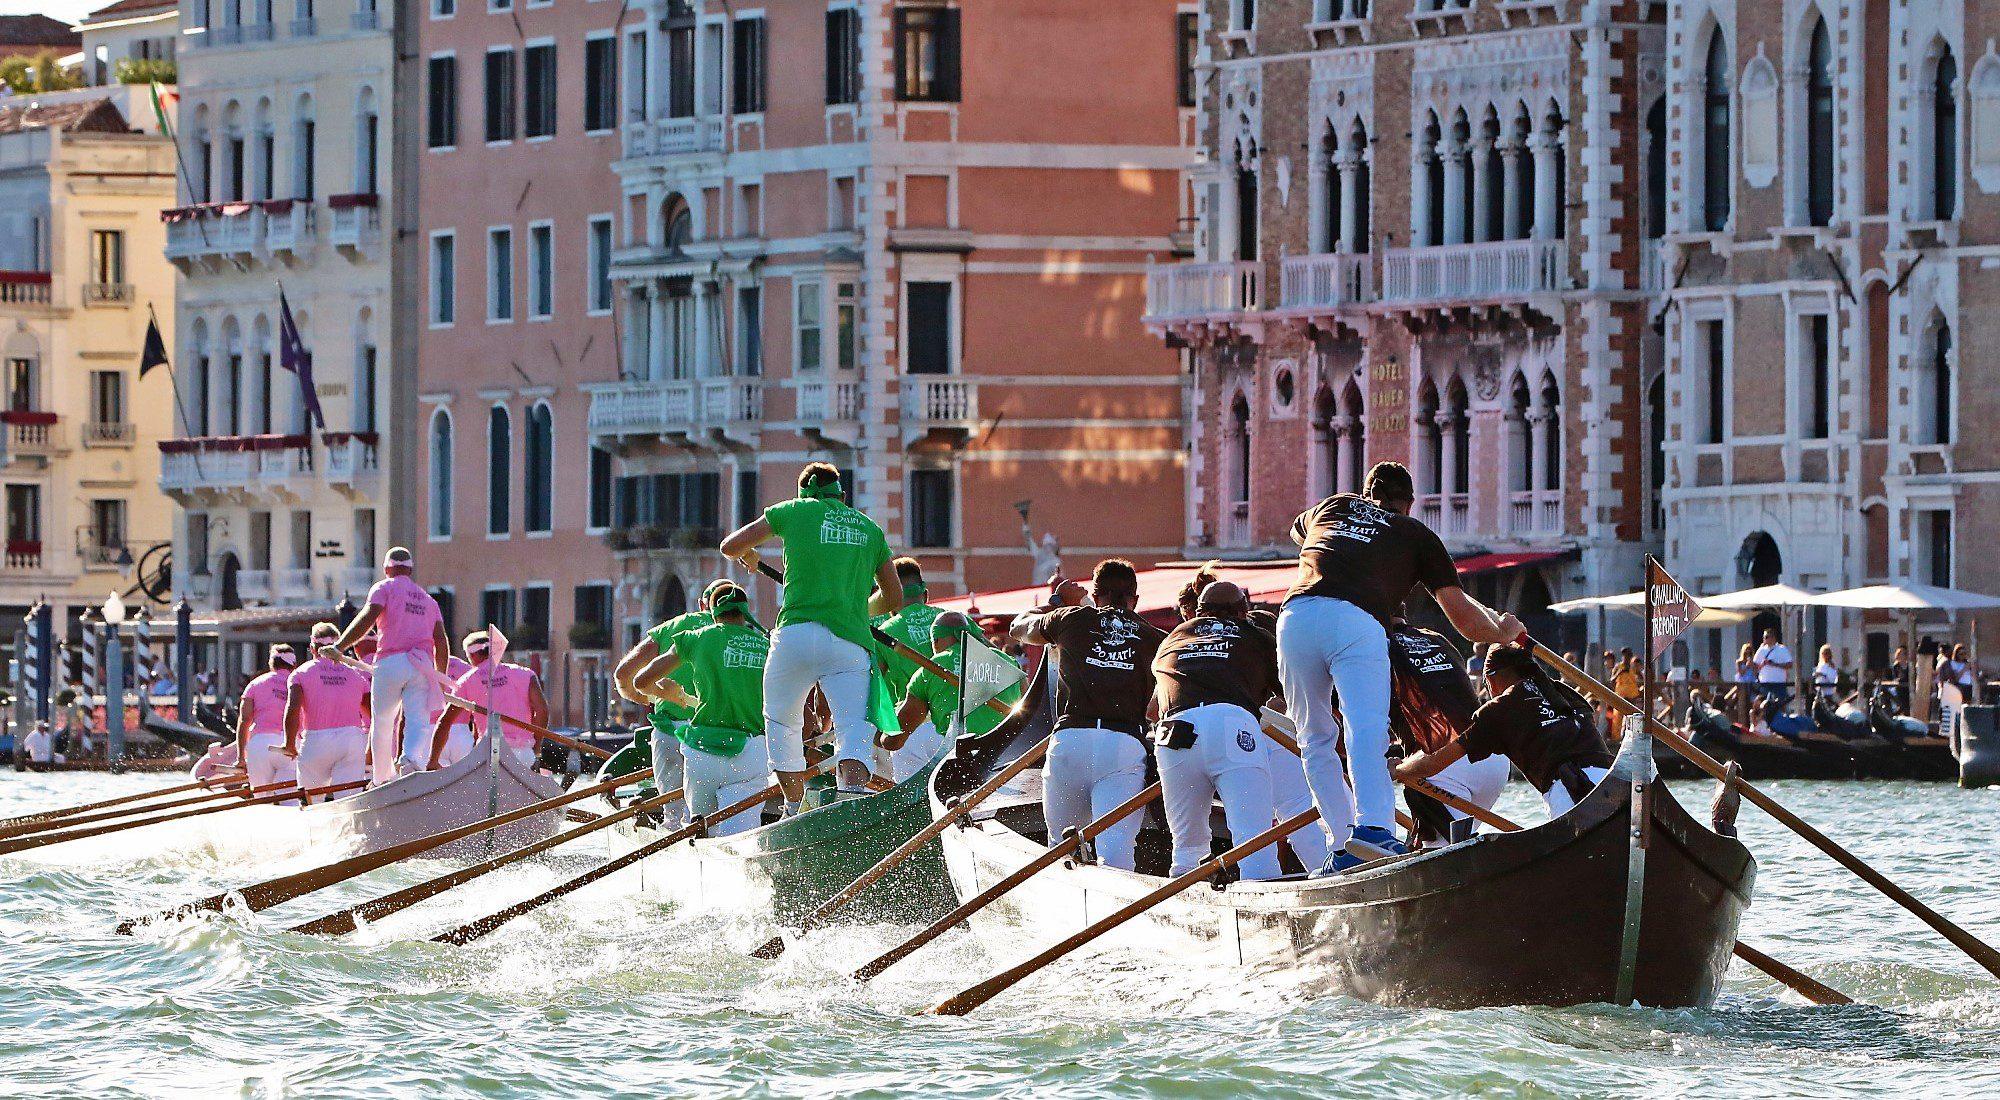 Visitare Venezia per la regata storica - le imbarcazioni